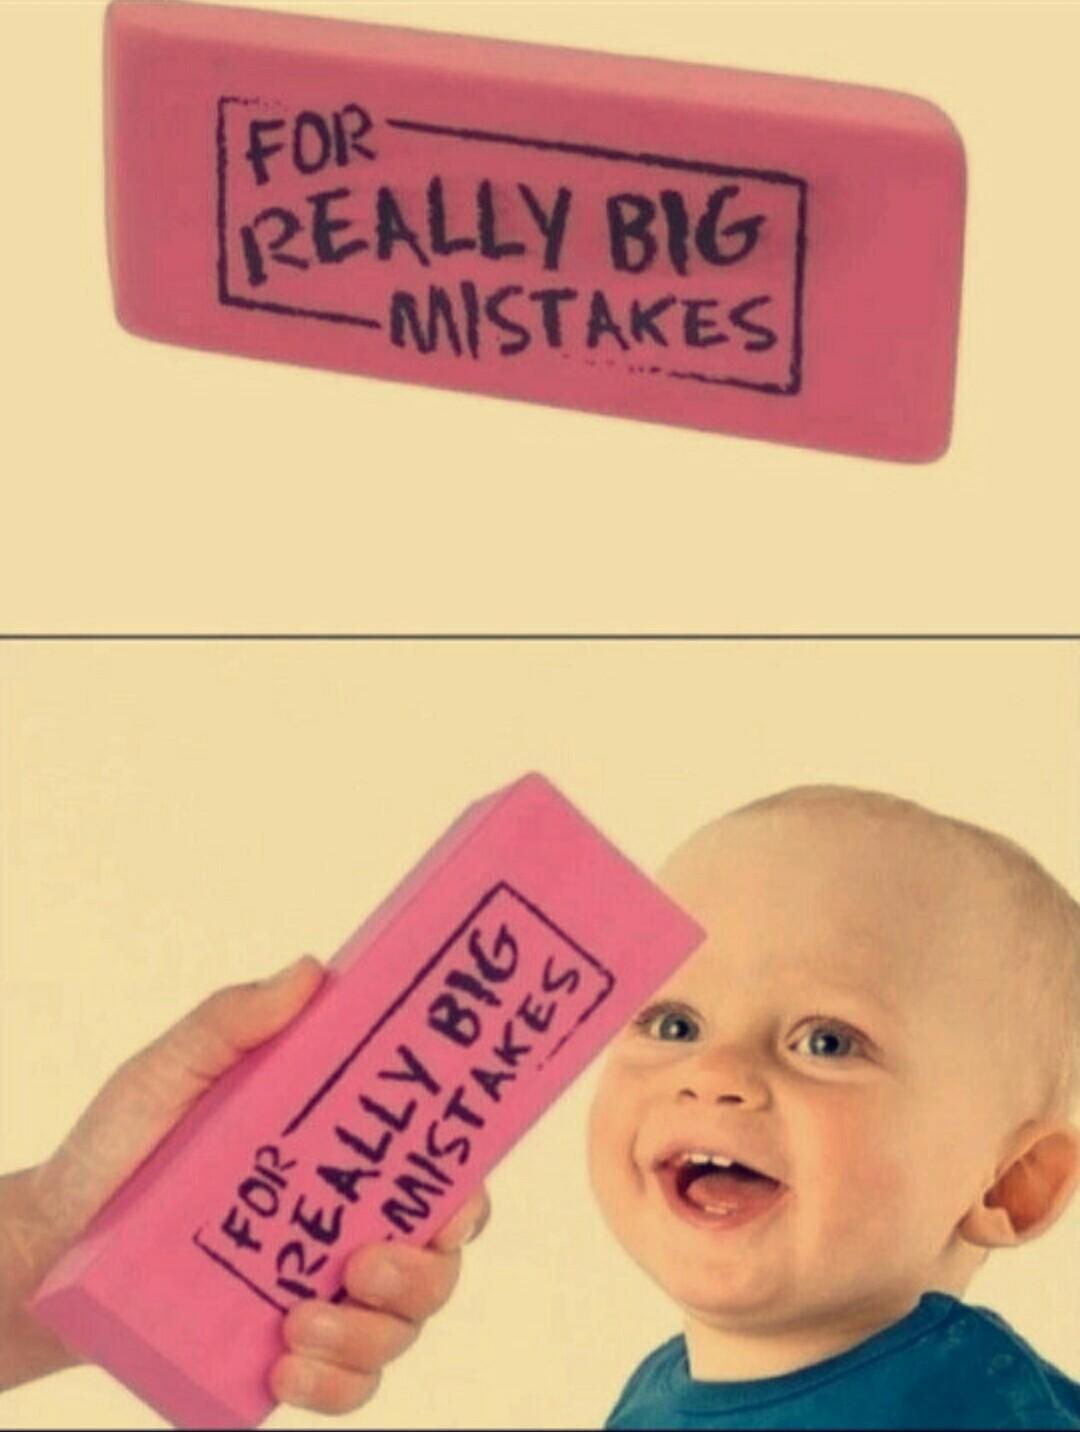 Pour effacer les grosses erreurs - meme